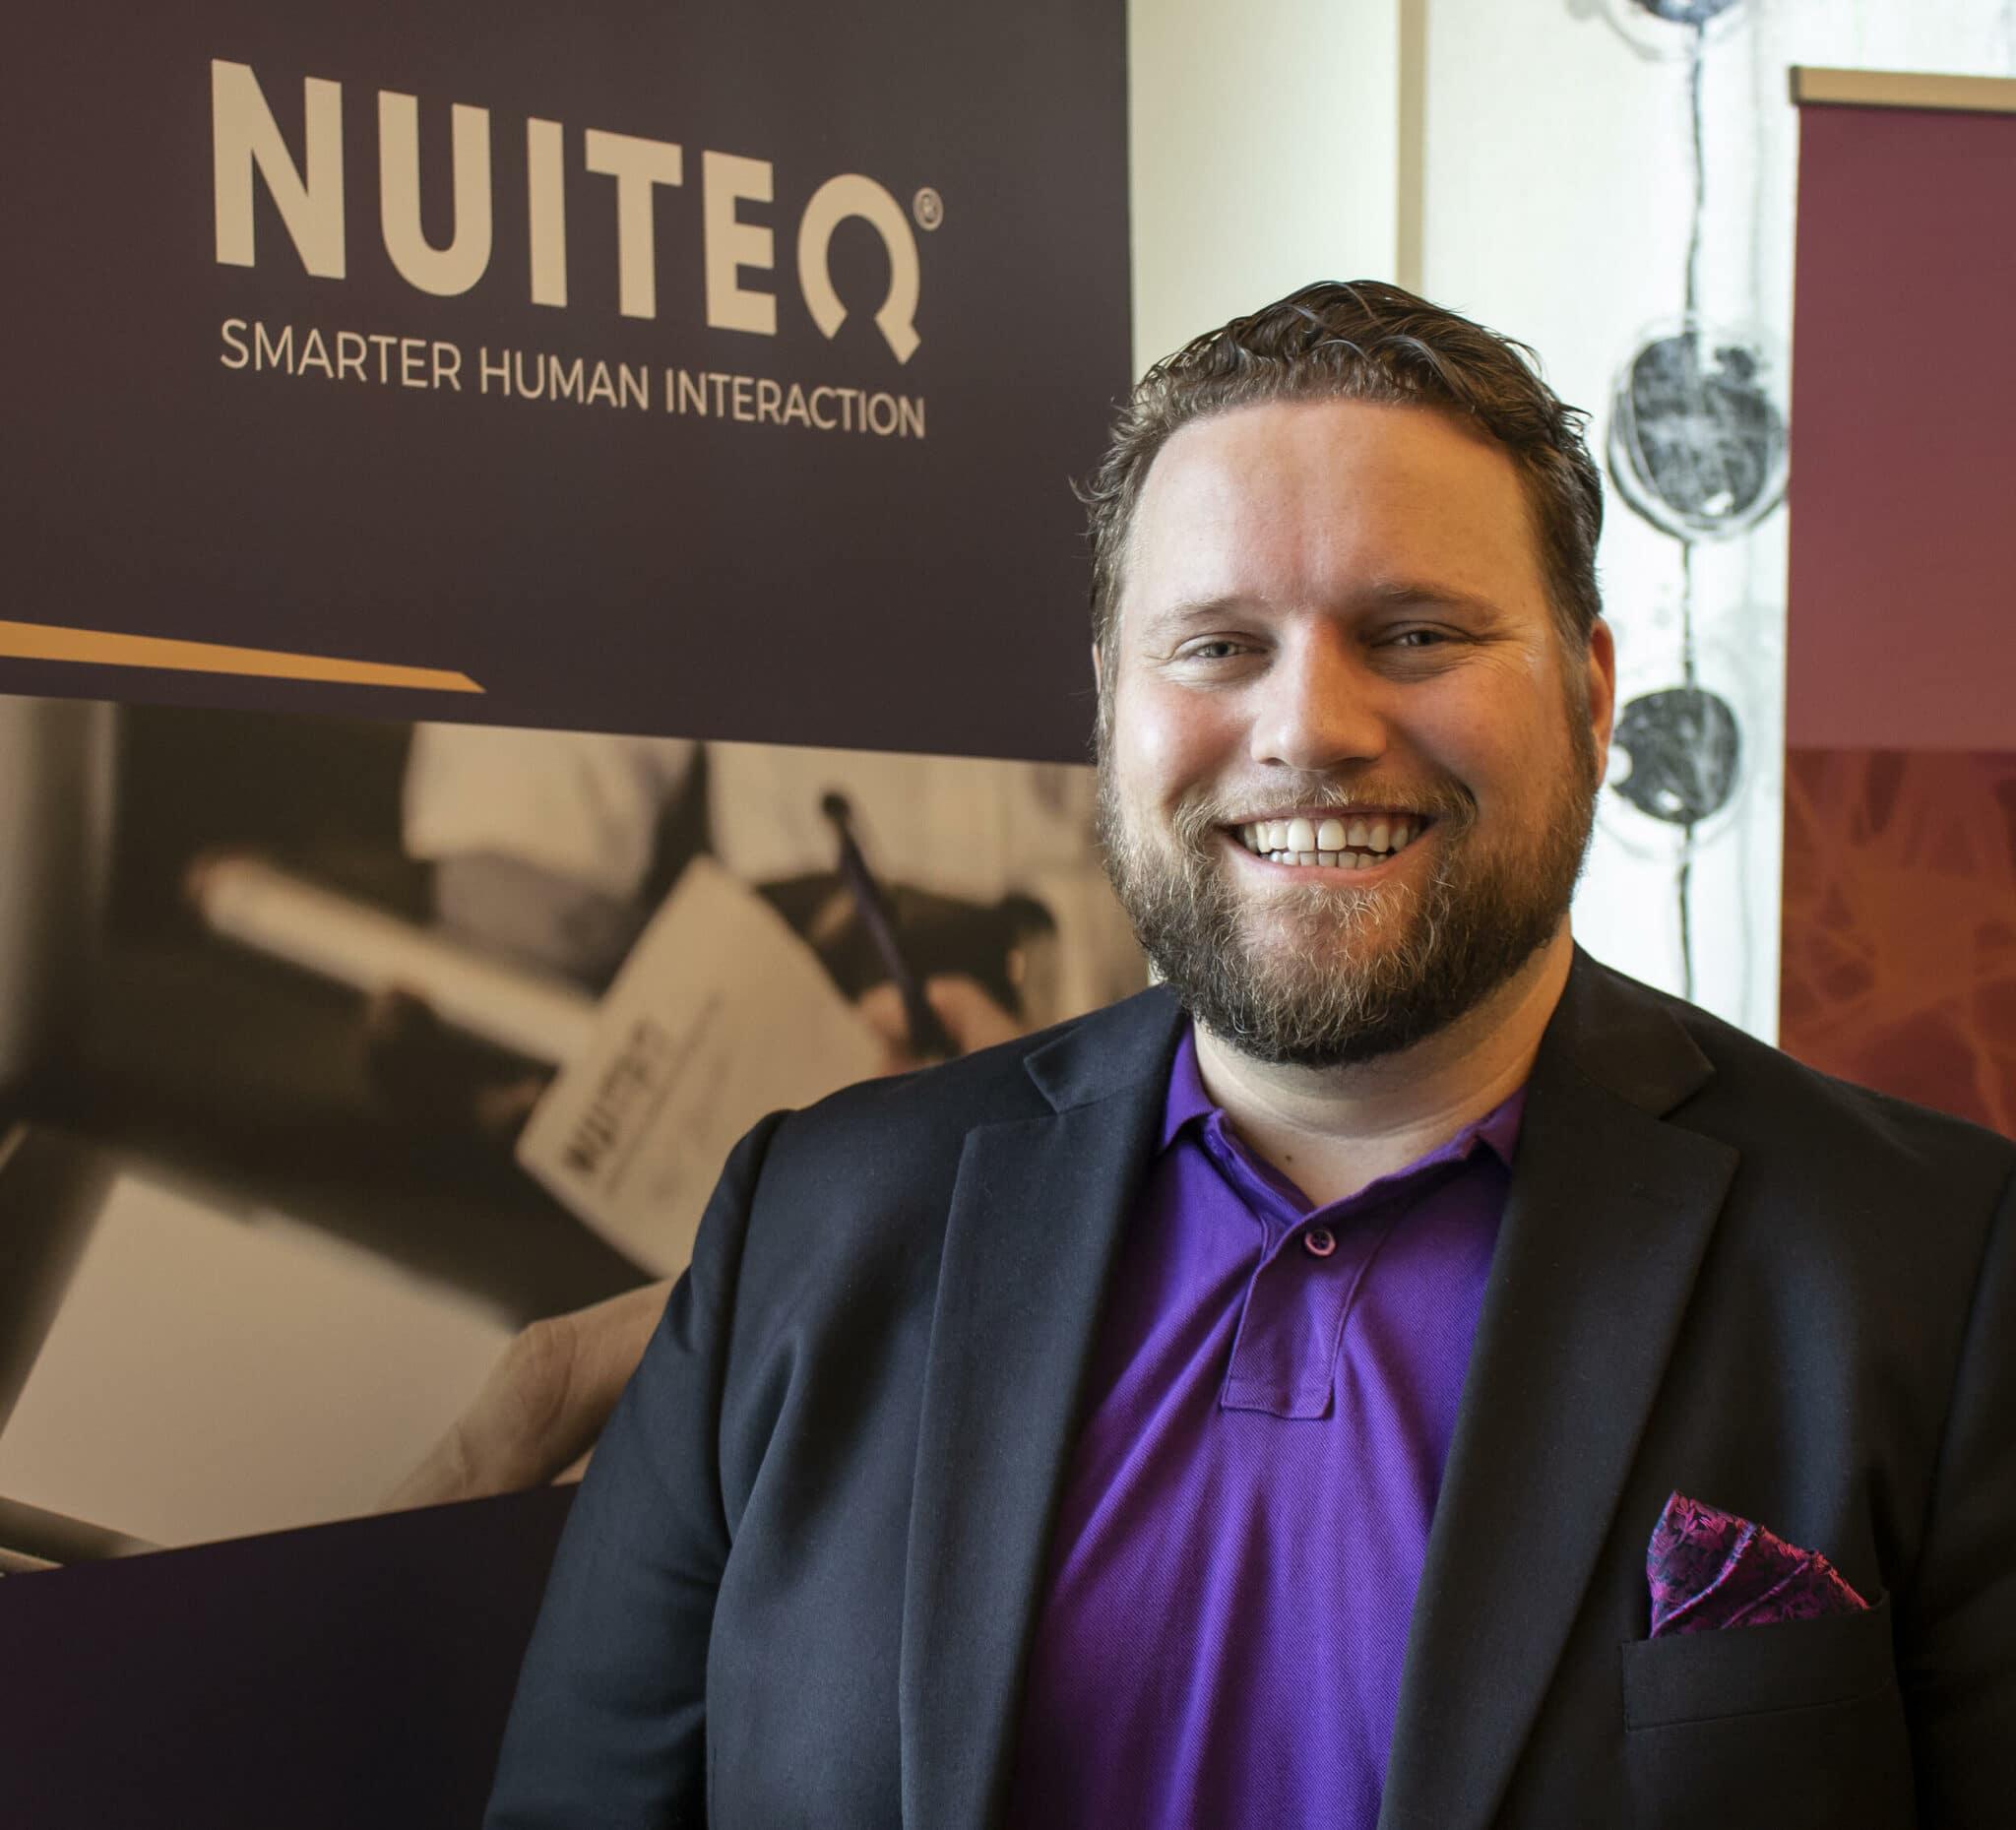 Harry van der Veen, Nuiteq